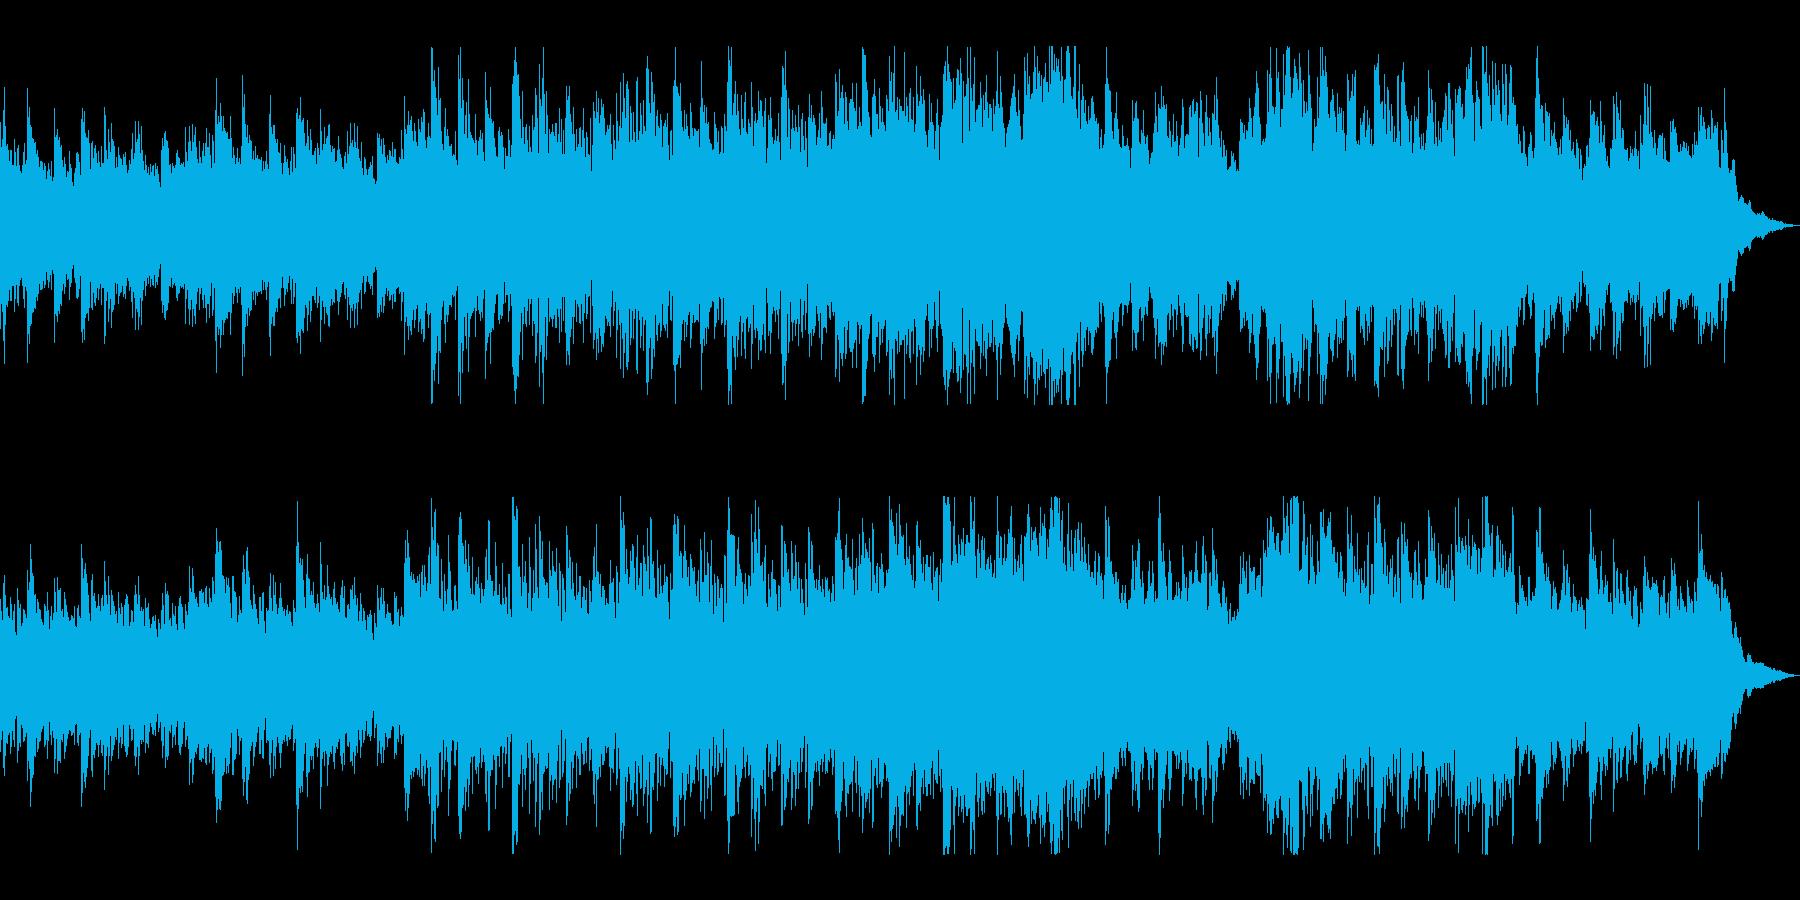 万能曲:シンプルでピアノが印象的の再生済みの波形